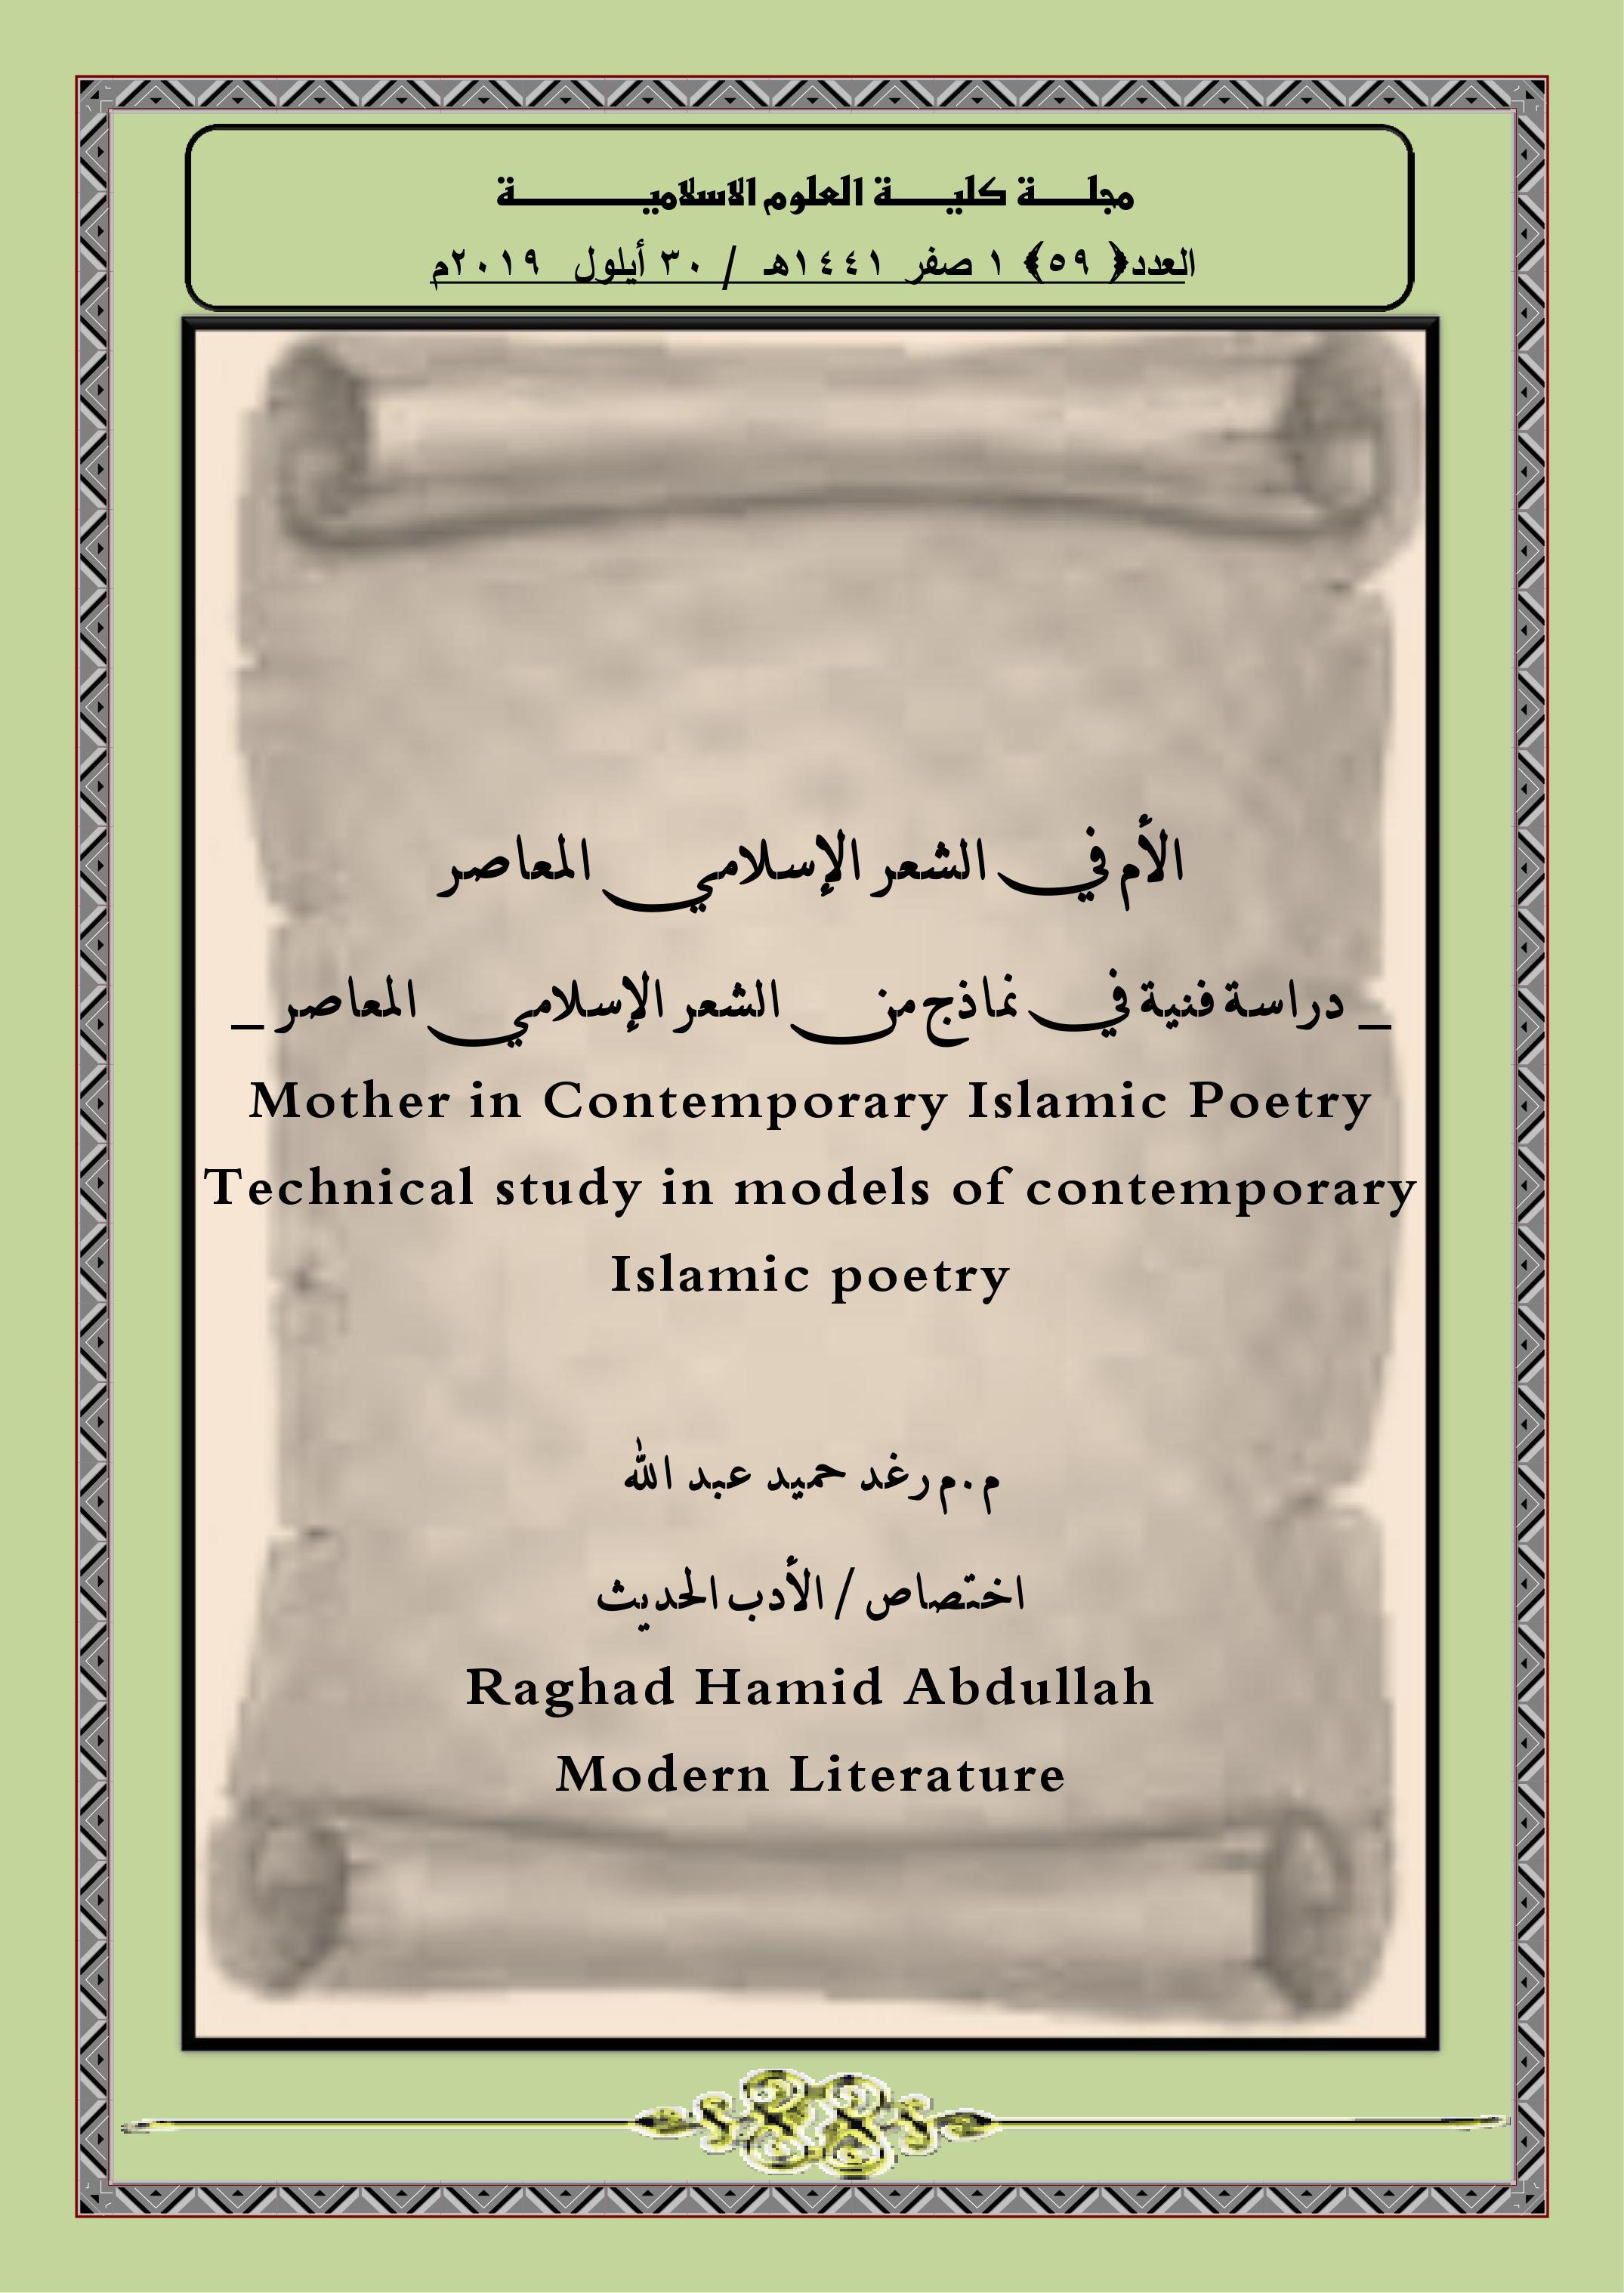 الأم في الشعر الإسلامي المعاصر _ دراسة فنية في نماذج من الشعر الإسلامي المعاصر _